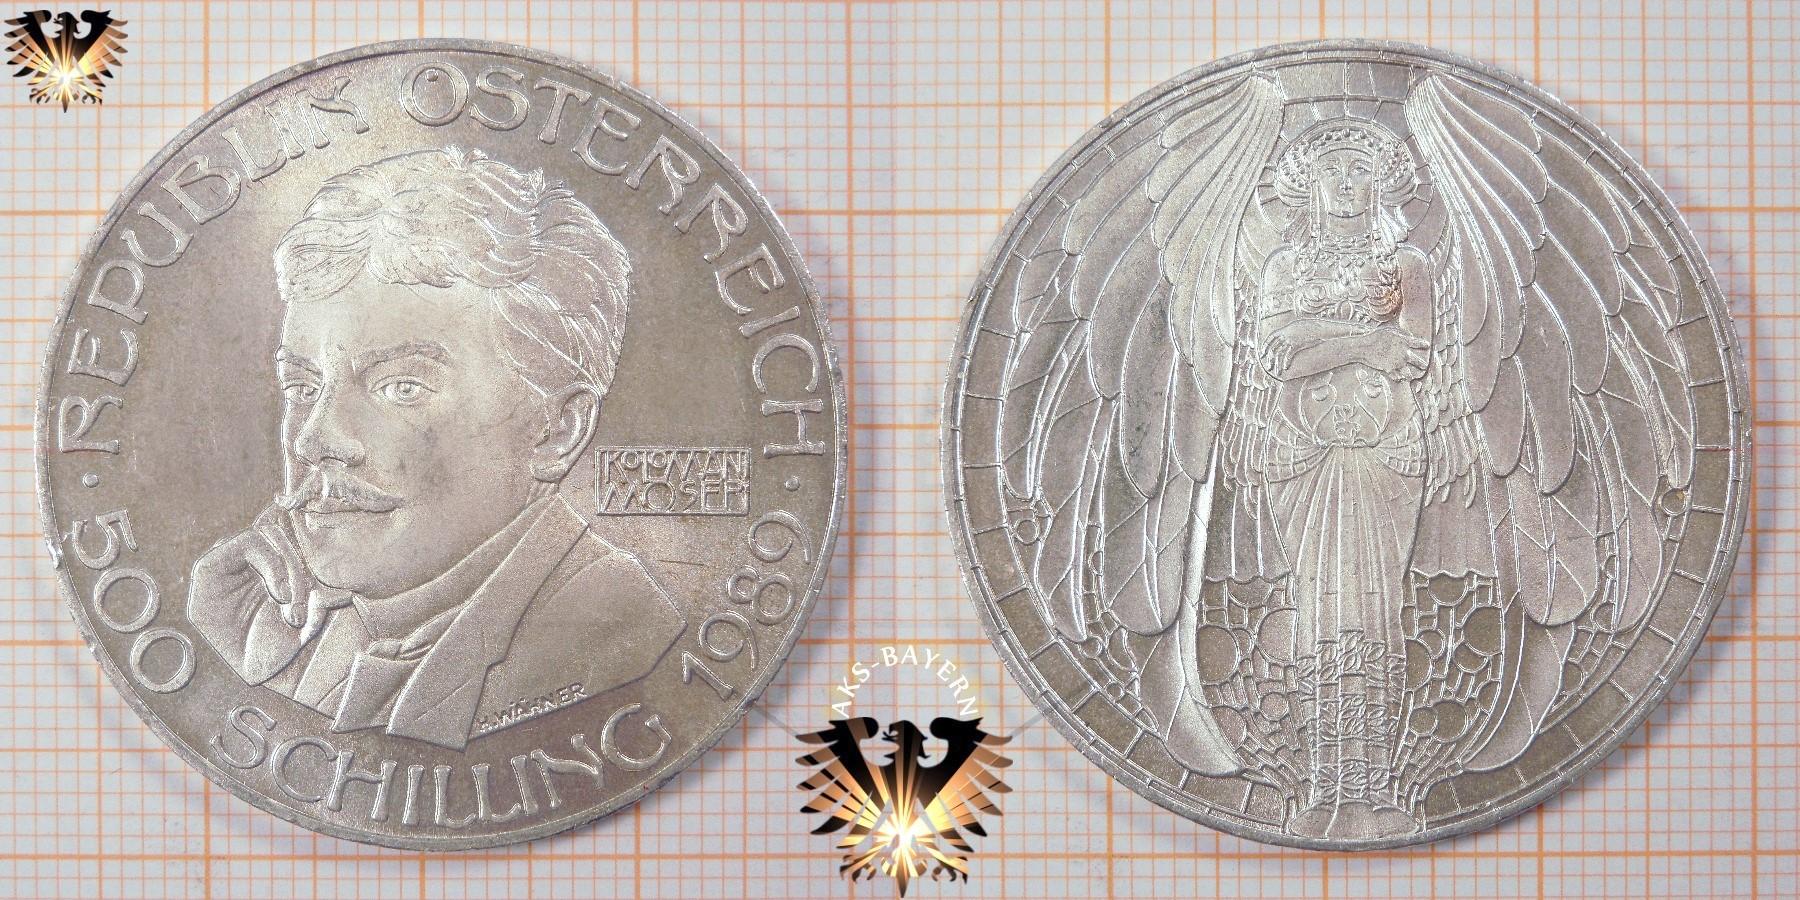 500 Schilling 1989 Koloman Moser Die Kunst Silbermünze österreich